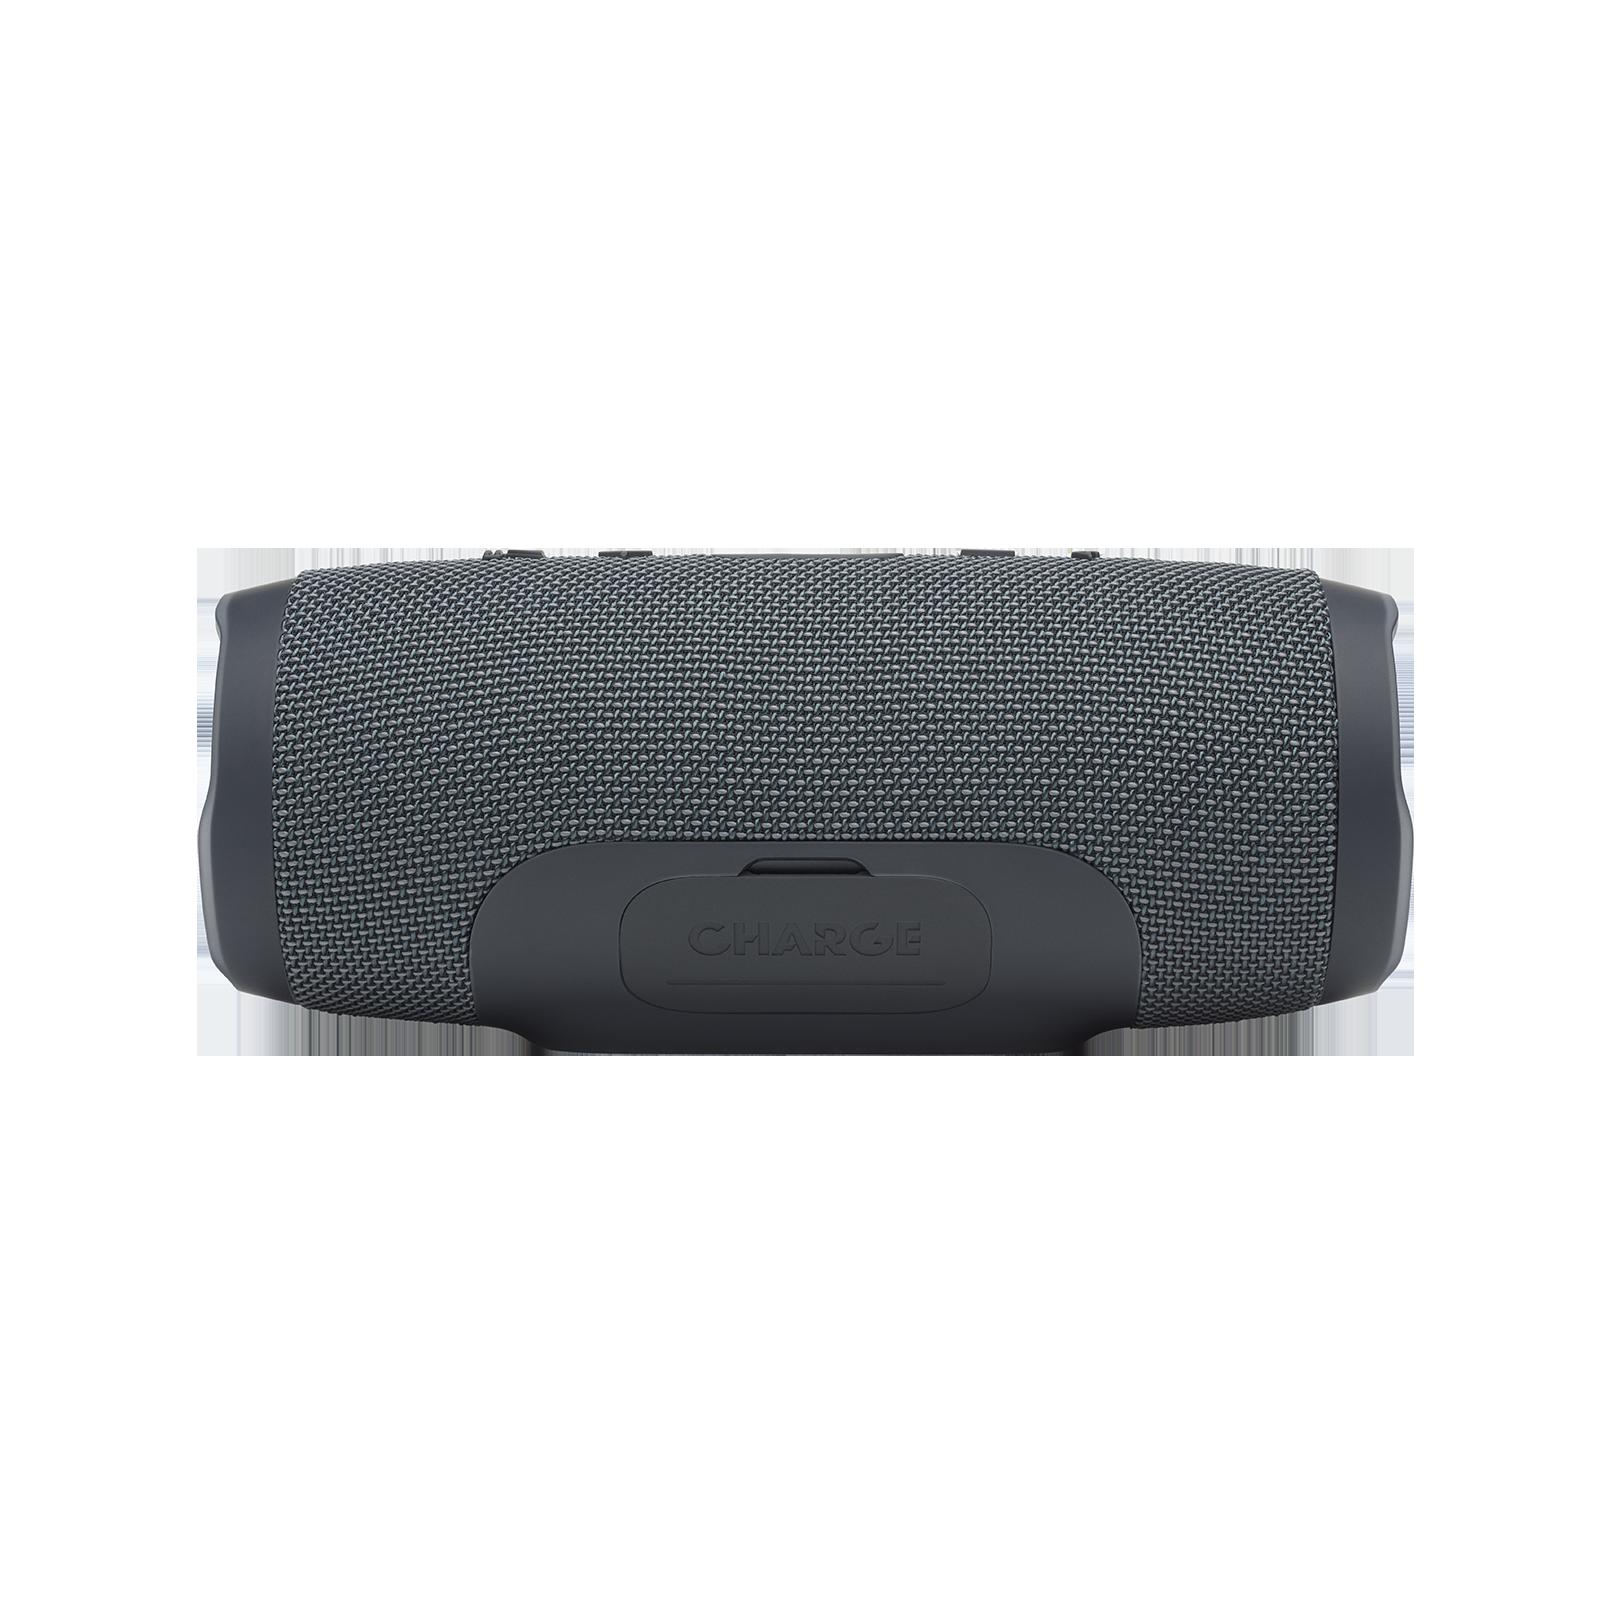 JBL Charge Essential - Gun Metal - Portable waterproof speaker - Back